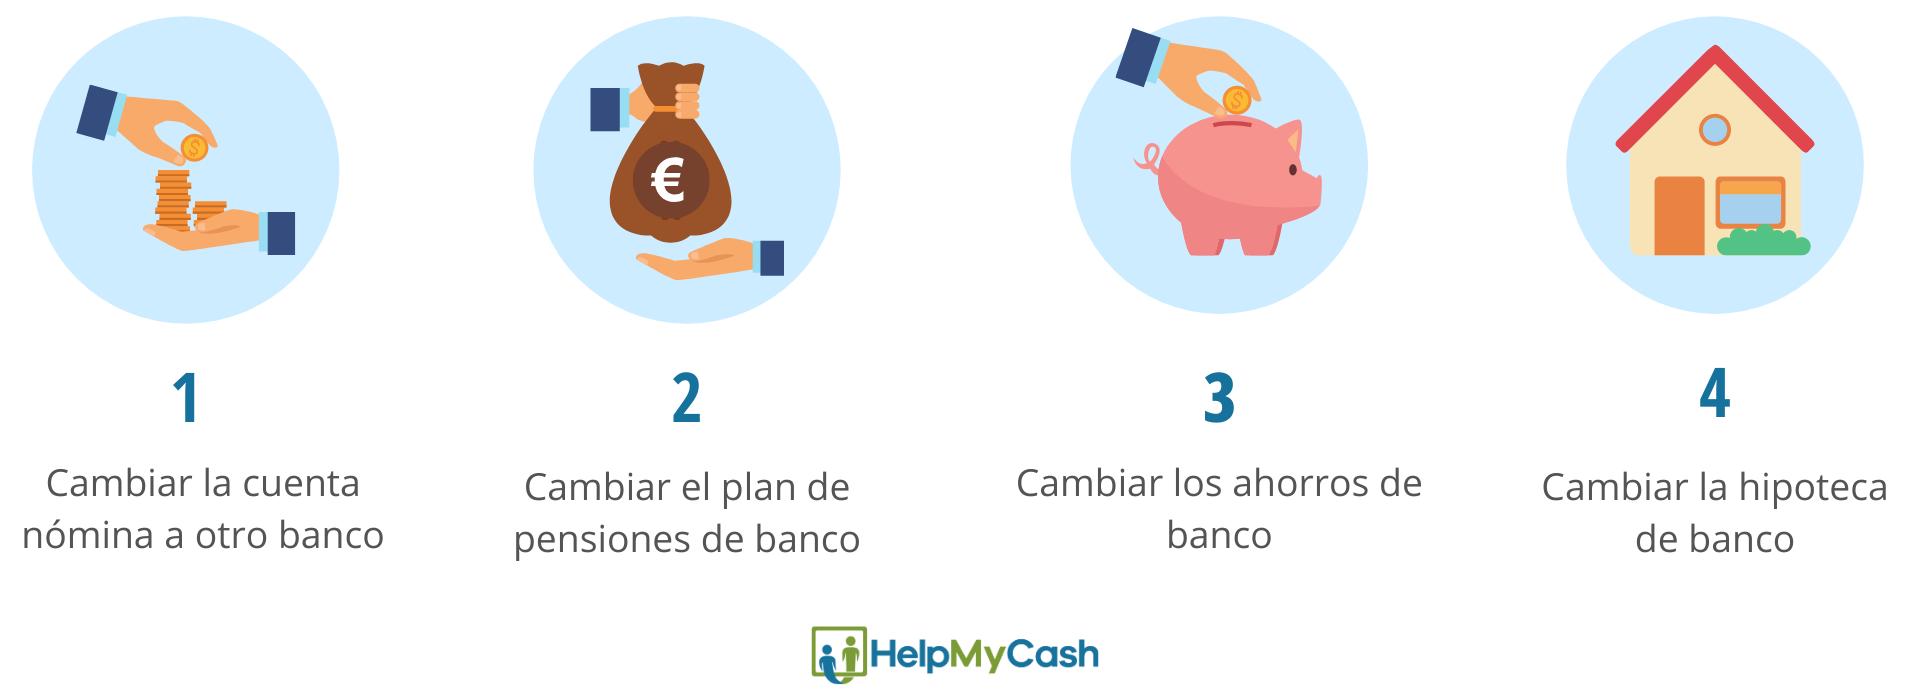 motivos para cambiar de banco. 1- cambiar la cuenta nómina a otro banco. 2- cambiar el plan de pensiones de banco. 3- cambiar los ahorros de banco. 4- cambiar la hipoteca de banco.